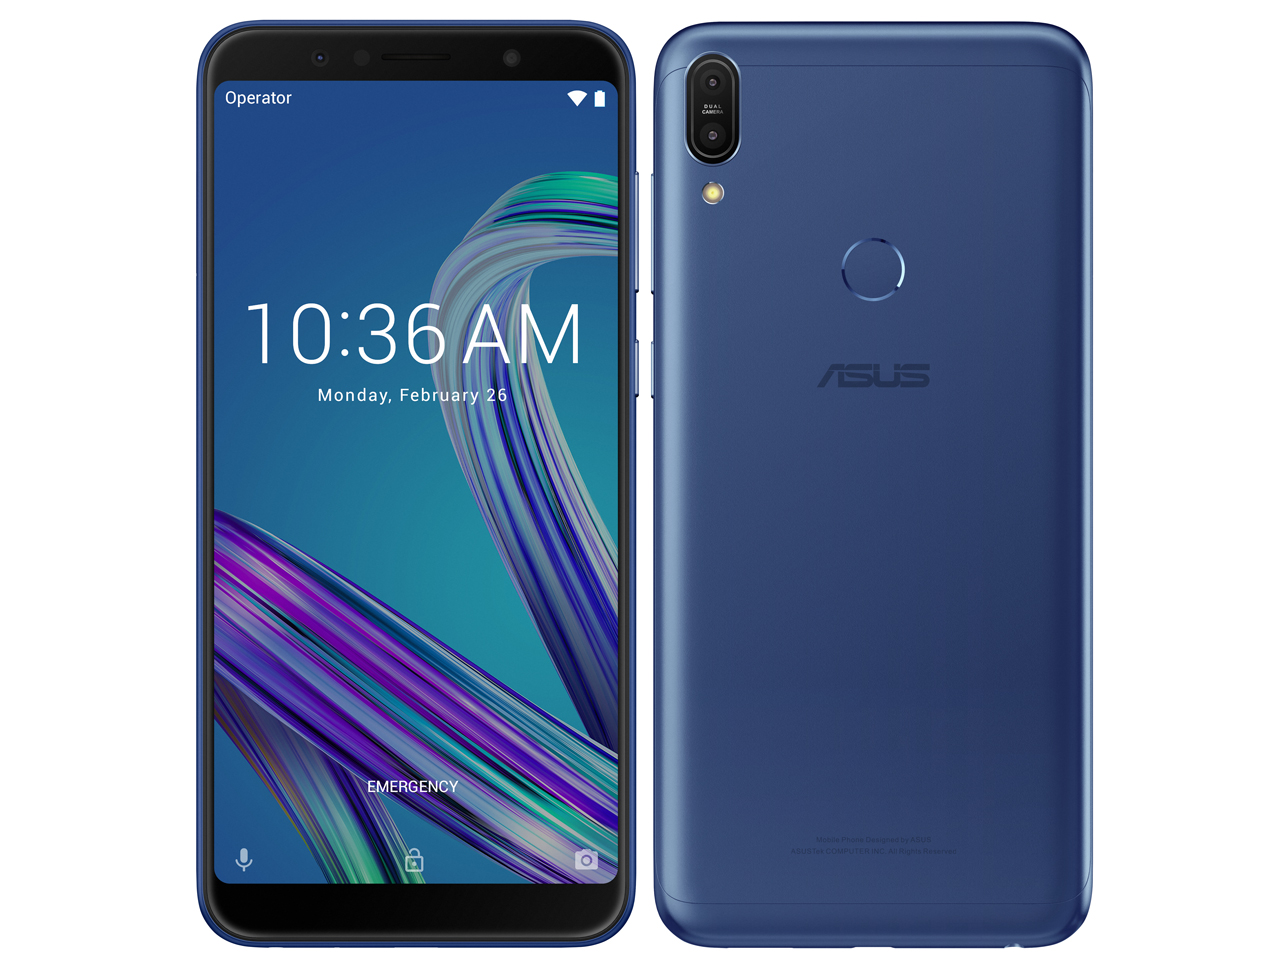 【新品未開封品】ZenFone Max Pro (M1) SIMフリー [スペースブルー]